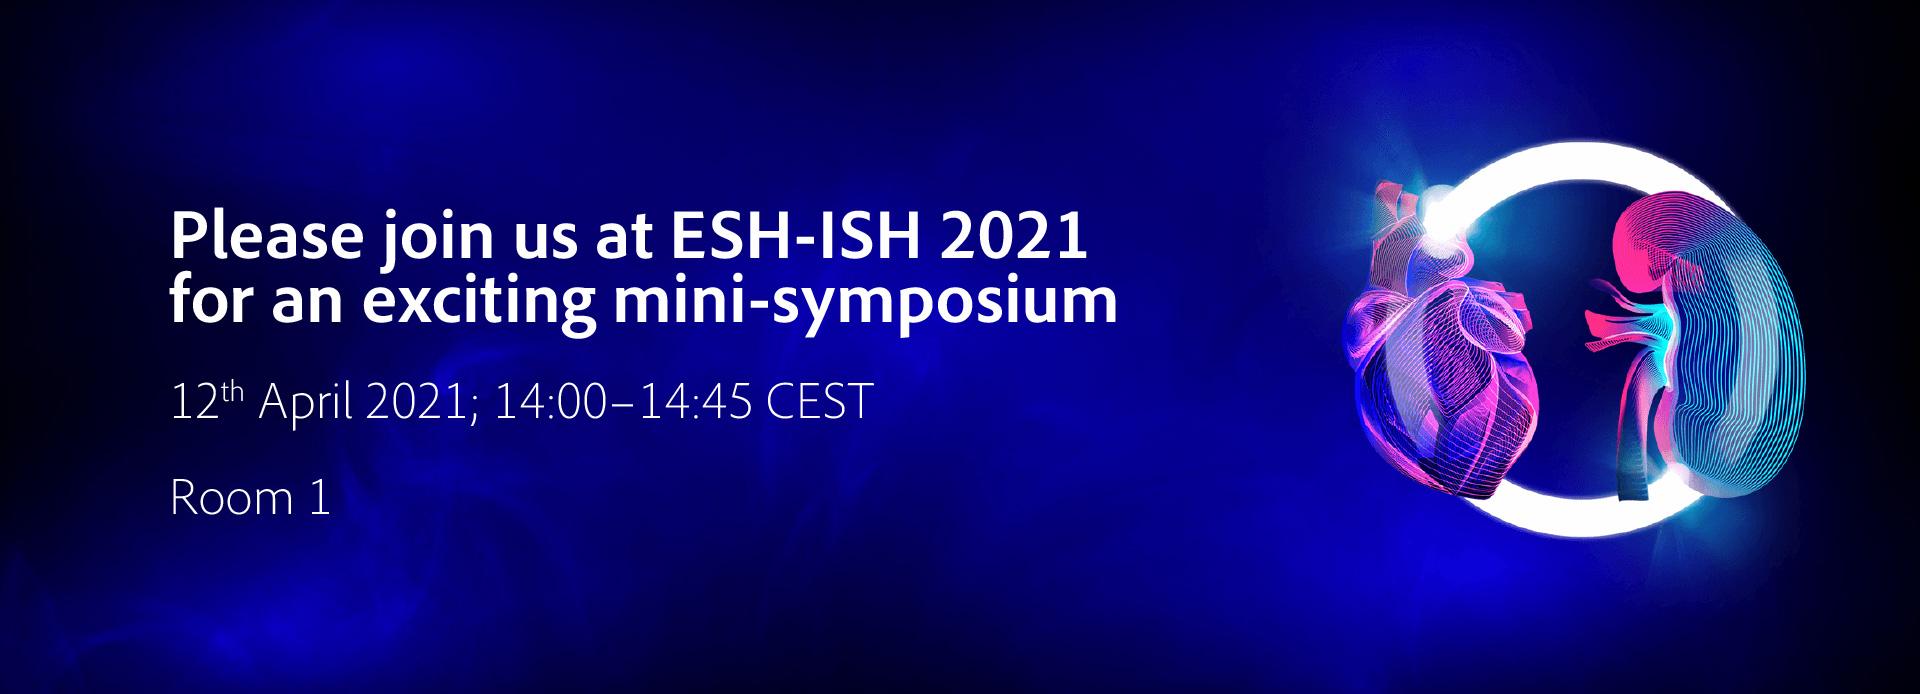 ESH-ISH 2021 - exciting mini-symposium | April 12, 2021